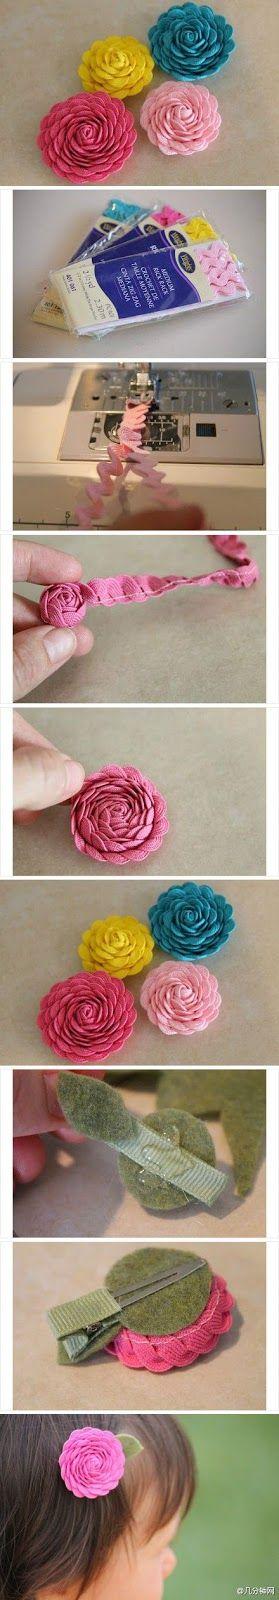 DIY Rick Rack Roses | A 1 Nice Blog